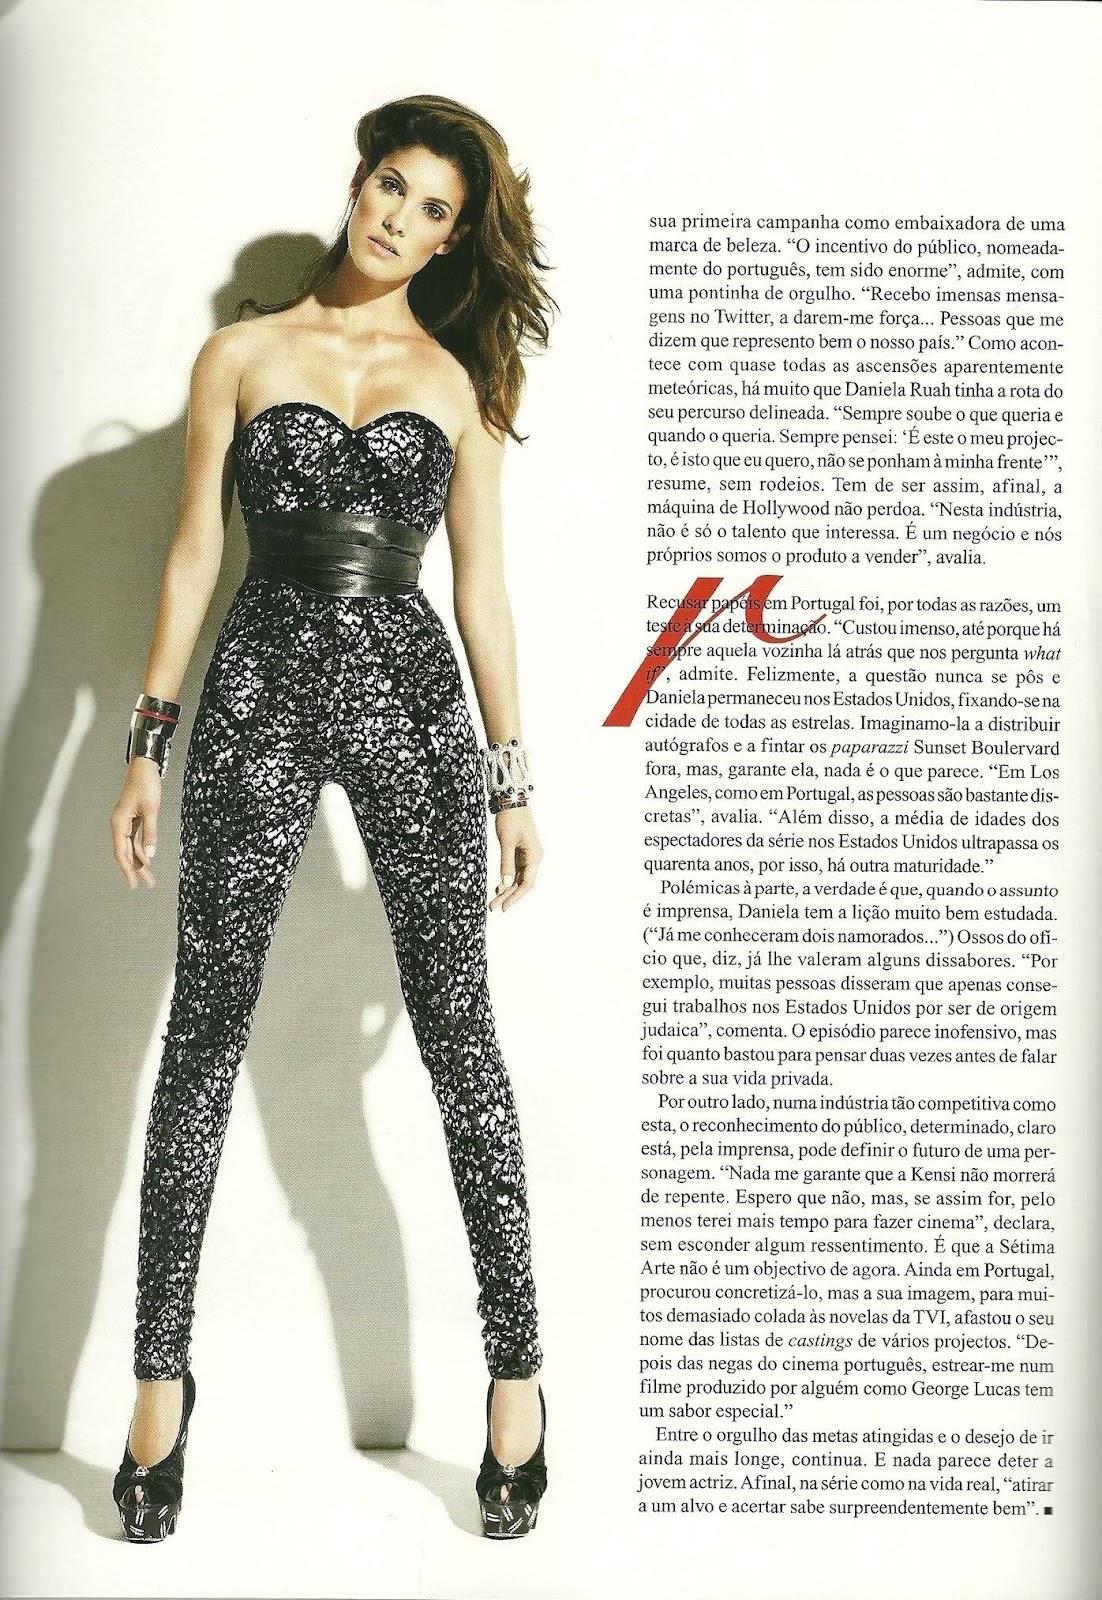 http://3.bp.blogspot.com/--e80Ir4t7eE/T-EEONdeYsI/AAAAAAAADBA/e_BK7Ft7uQo/s1600/Daniela+Ruah+Vogue+Portugal+(3).jpg